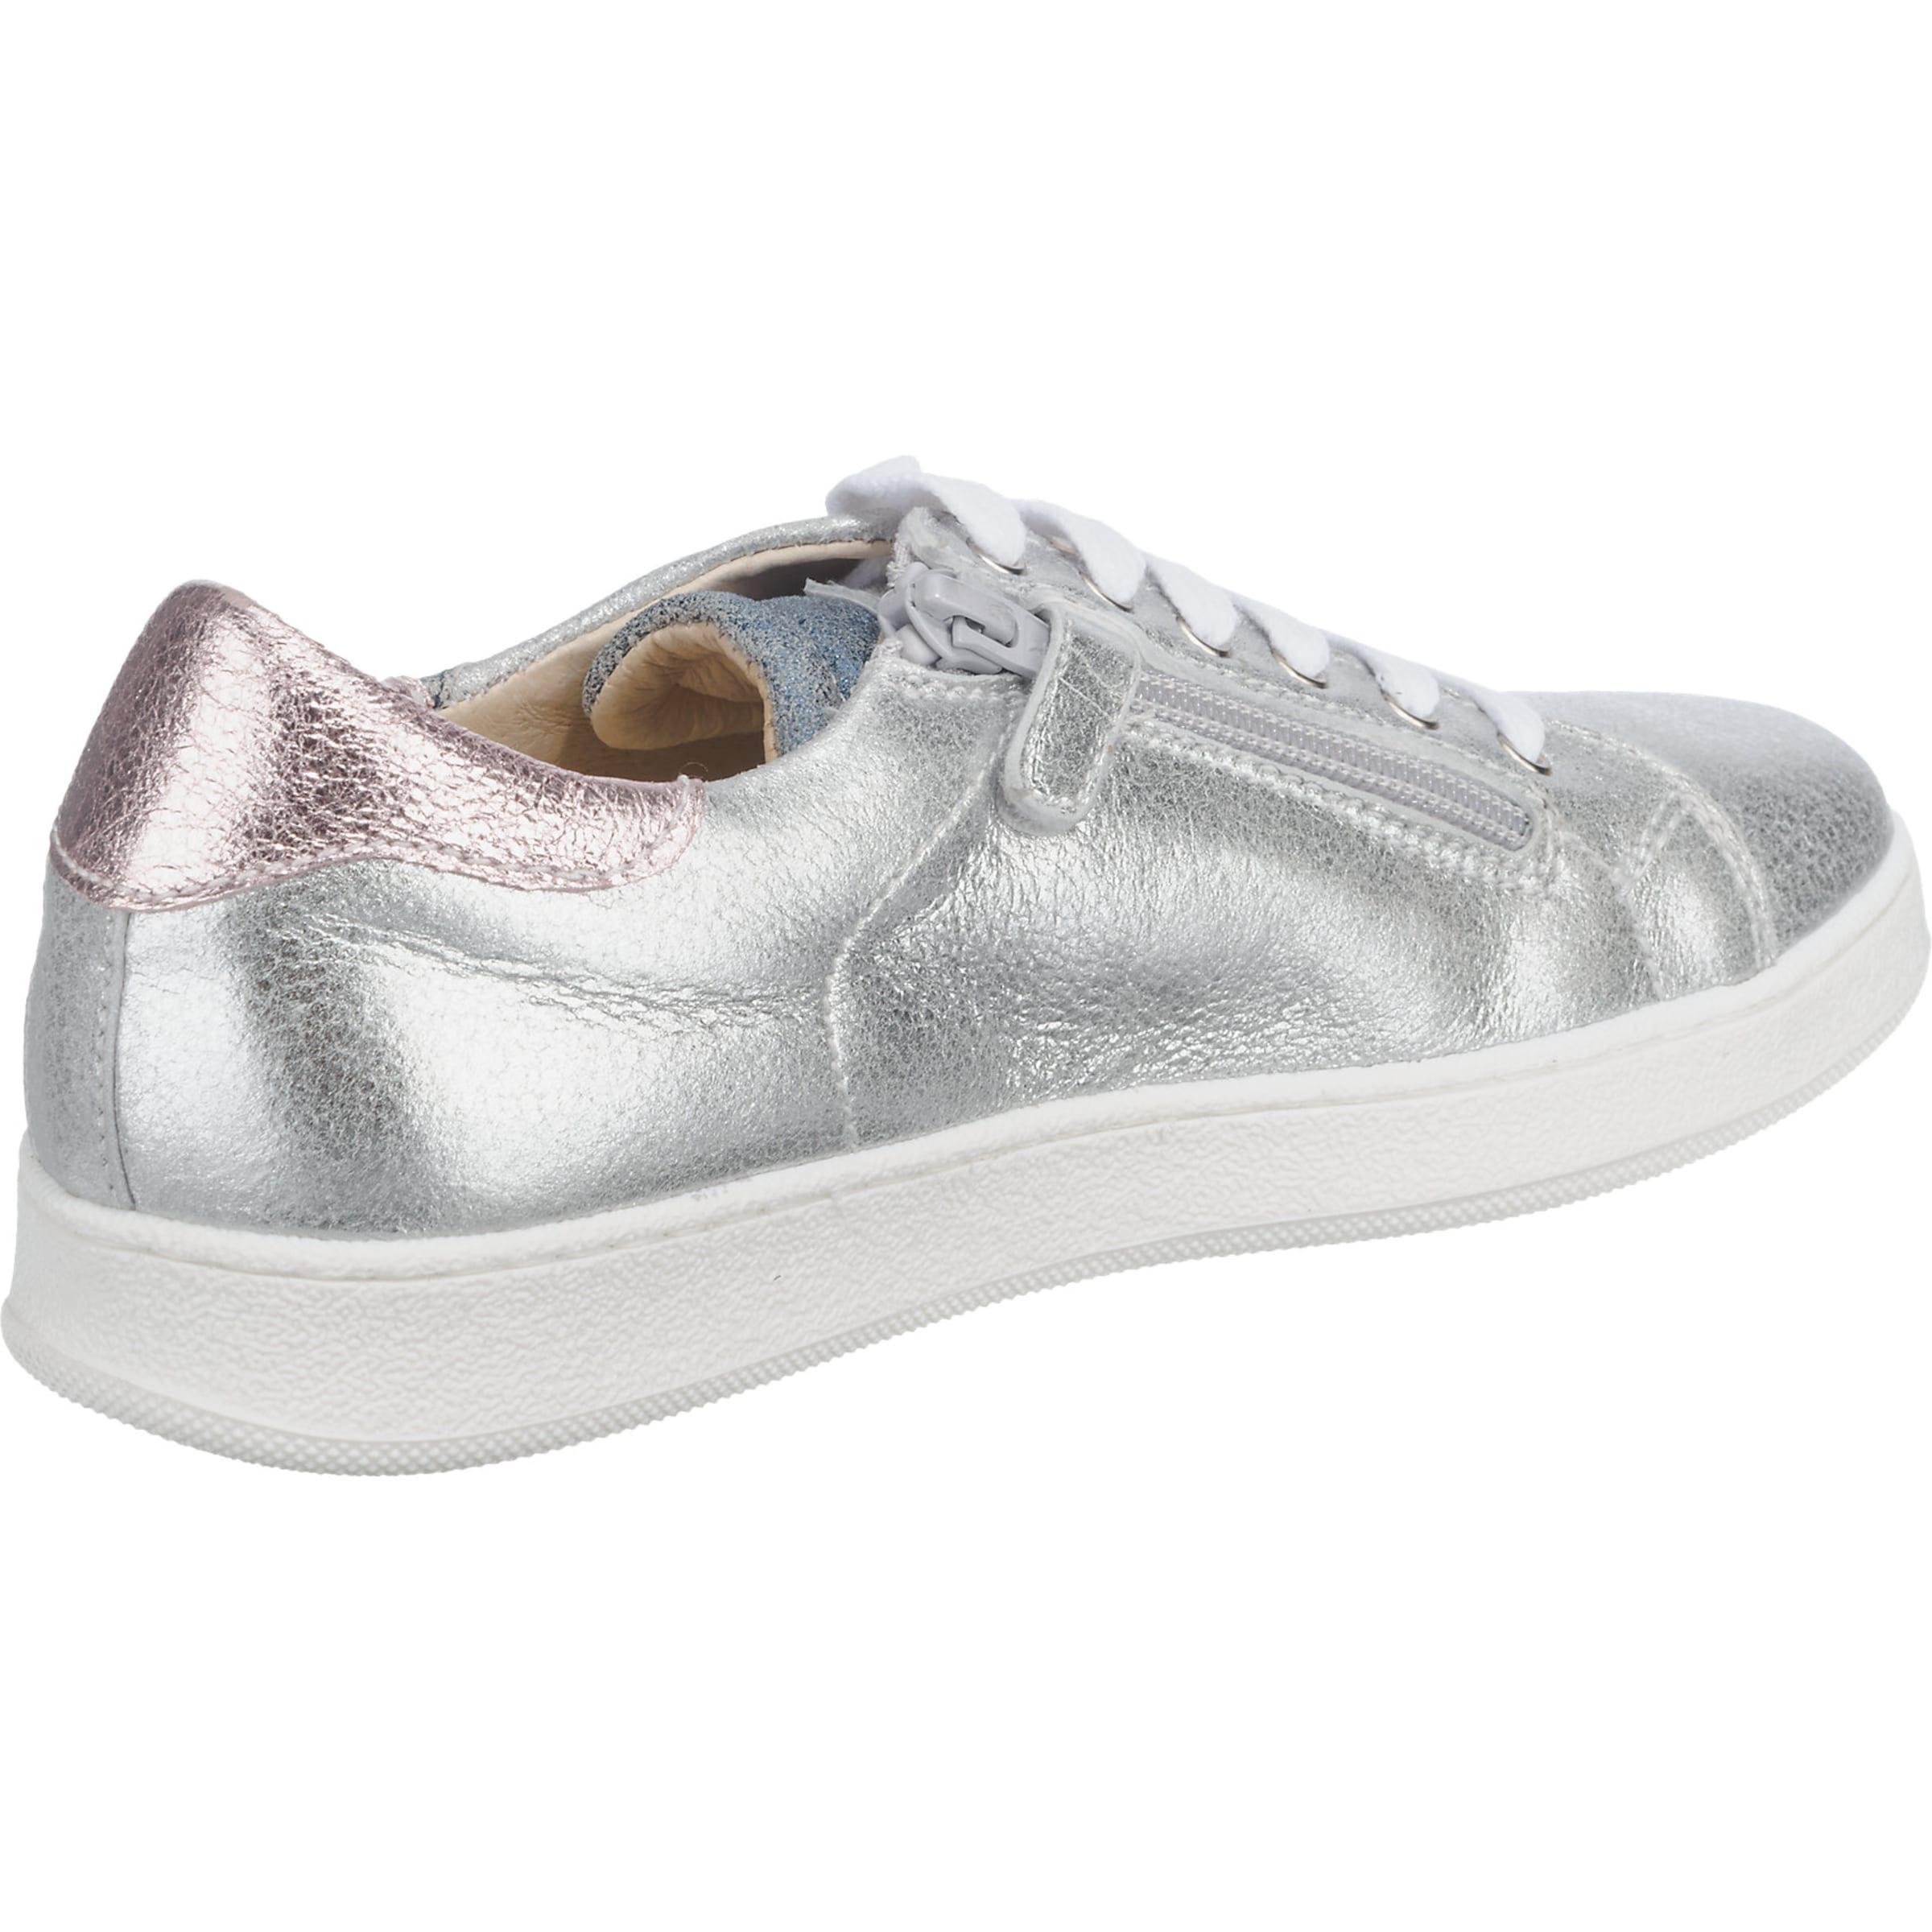 Spielraum Sast clic Sneakers Verkauf Finish Niedriger Preis Online Discounter 8hEnE334